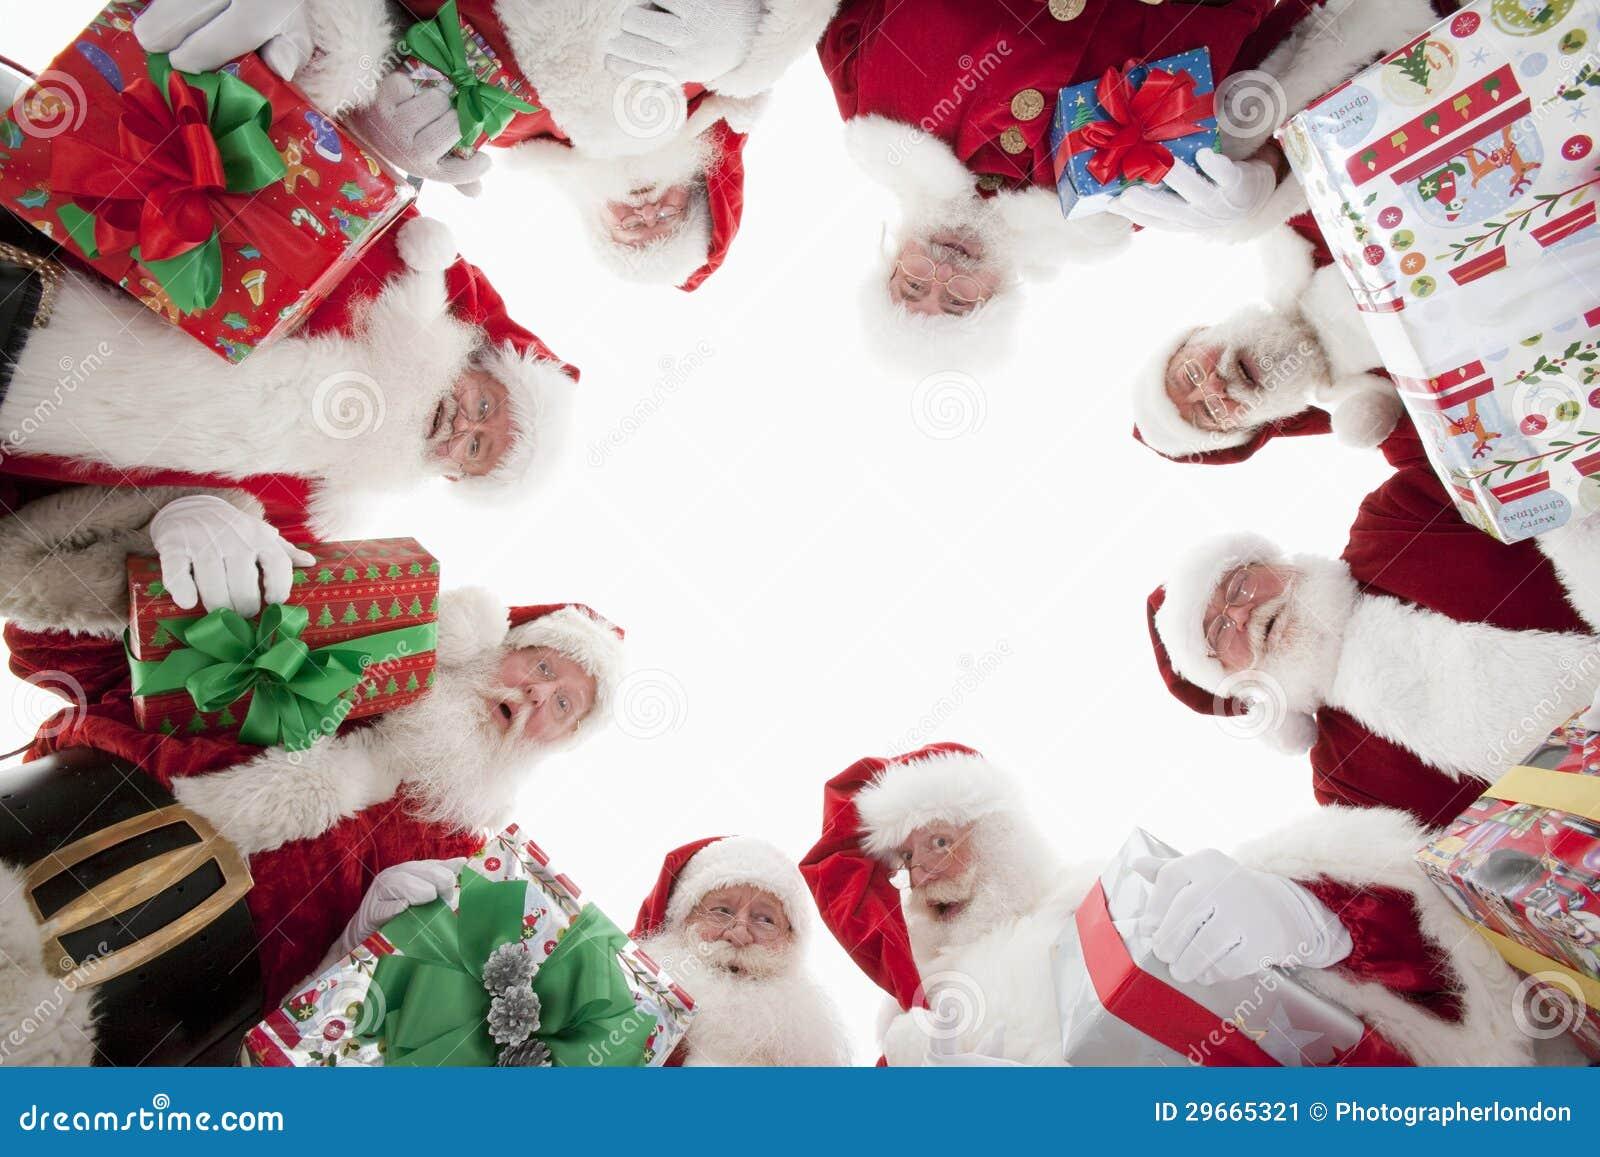 Homens em Santa Claus Outfits Forming Huddle